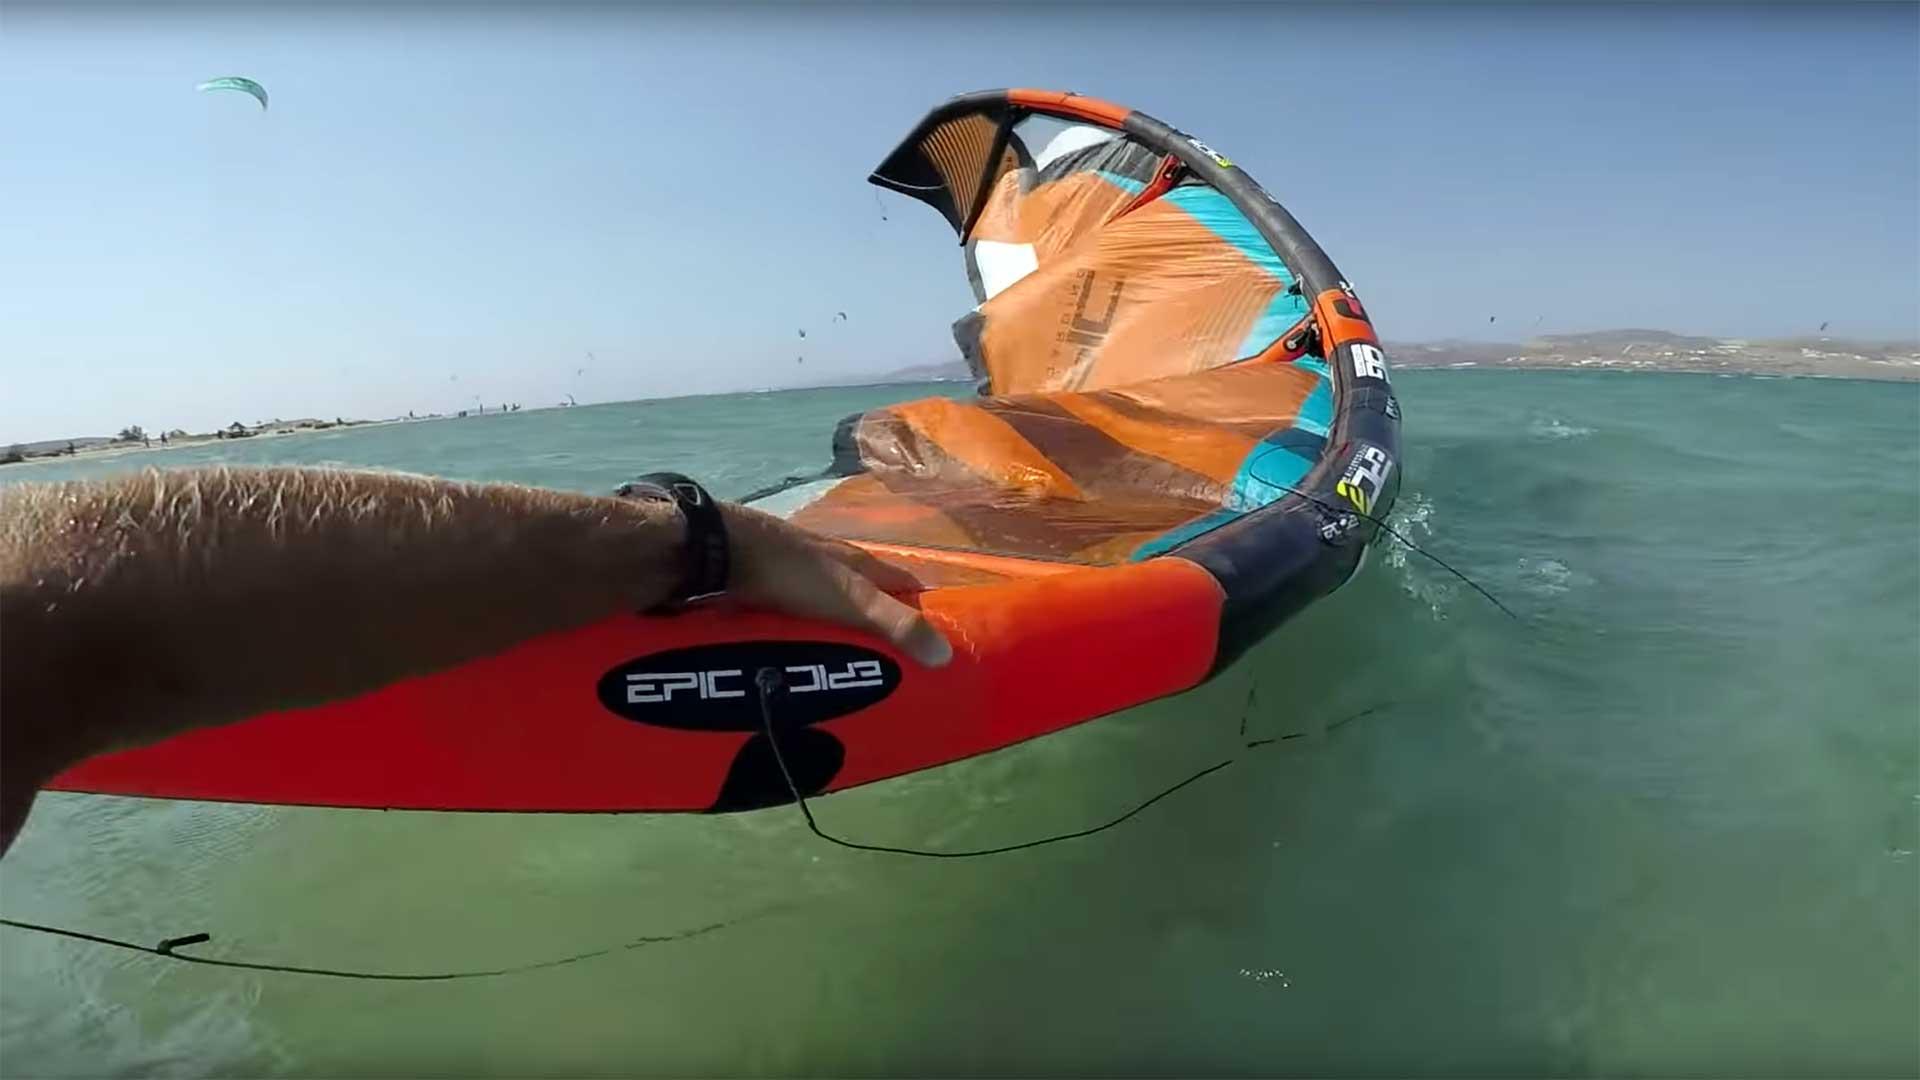 recupero kite in acqua